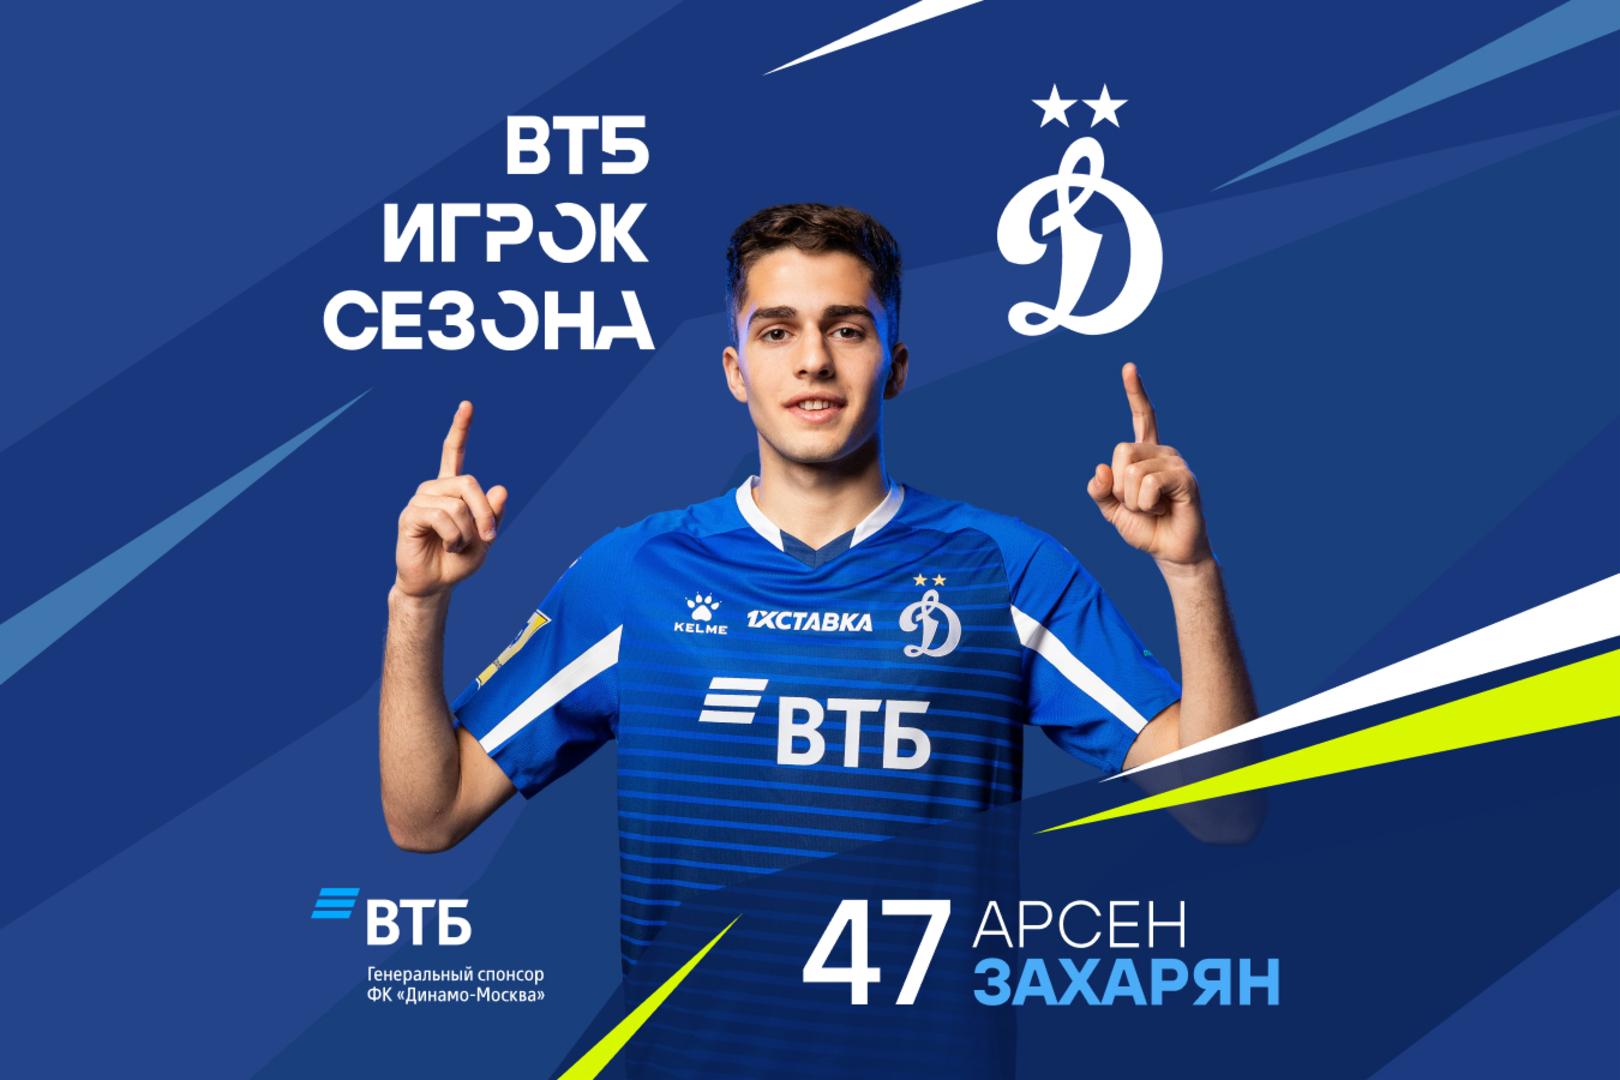 Арсен Захарян — ВТБ игрок сезона